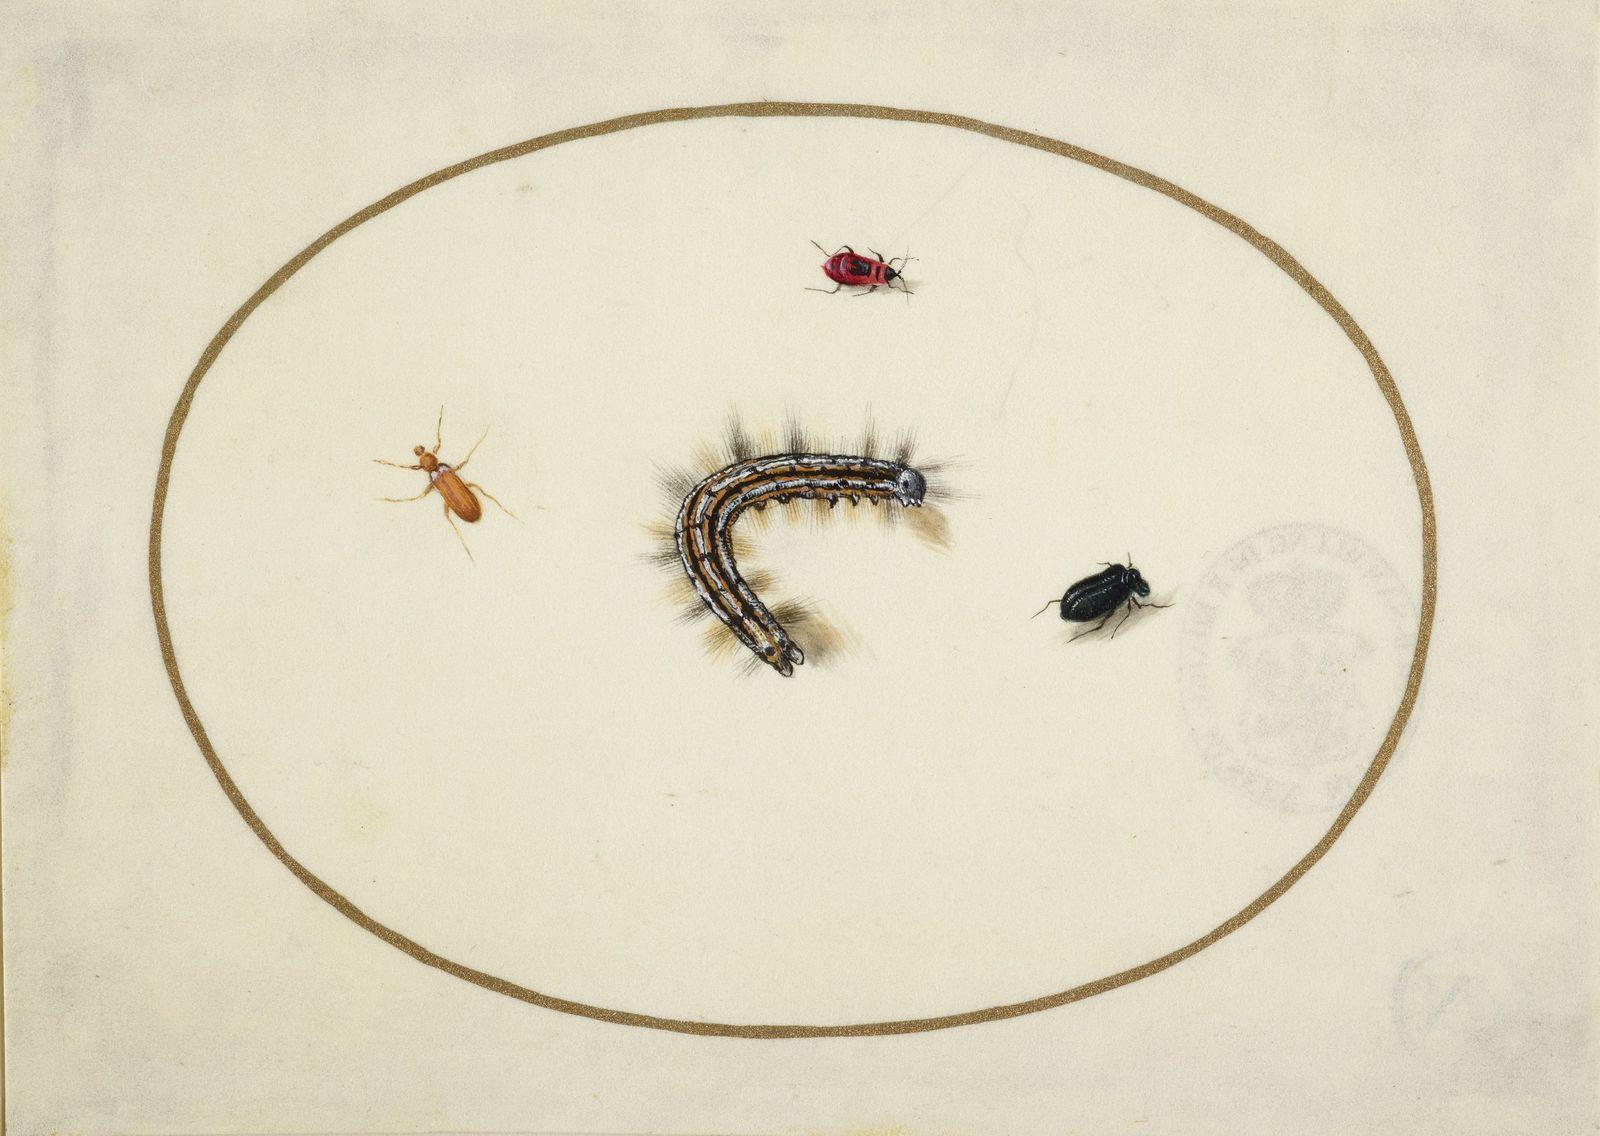 Maria Sibylla Merian: Raupen und Insekten, im Queroval, mit einer goldenen Linie eingefaßt, miniaturartig fein ausgeführt (c) bpk / Kupferstichkabinett, SMB / Volker-H. Schneider